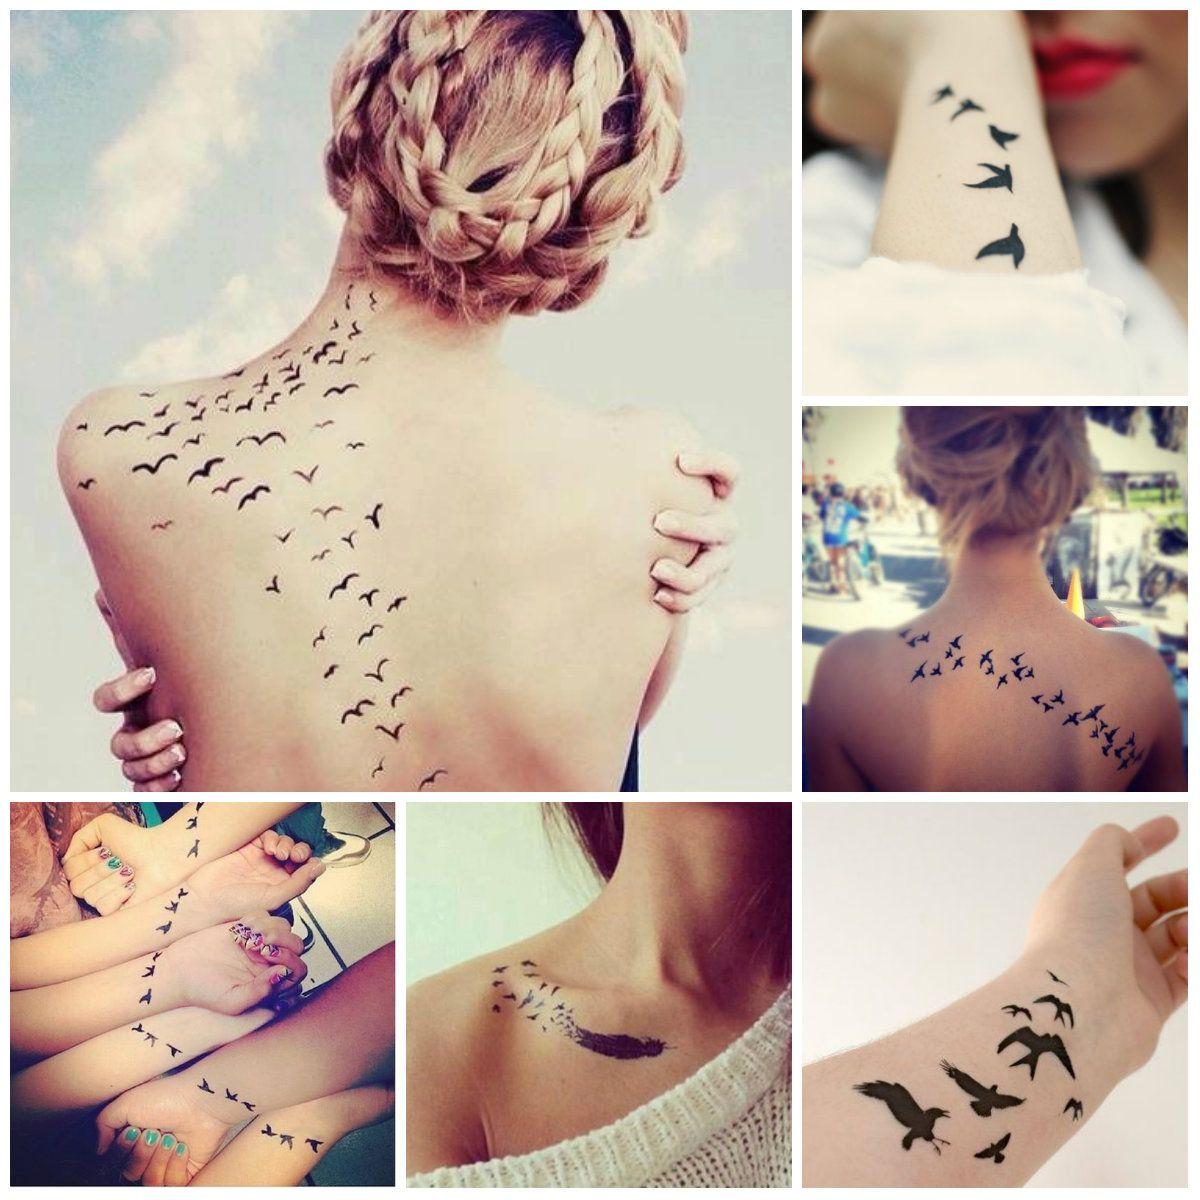 Ideas about bird tattoos on pinterest tattoos - Tattoo Bird Tattoos Ideas 2016